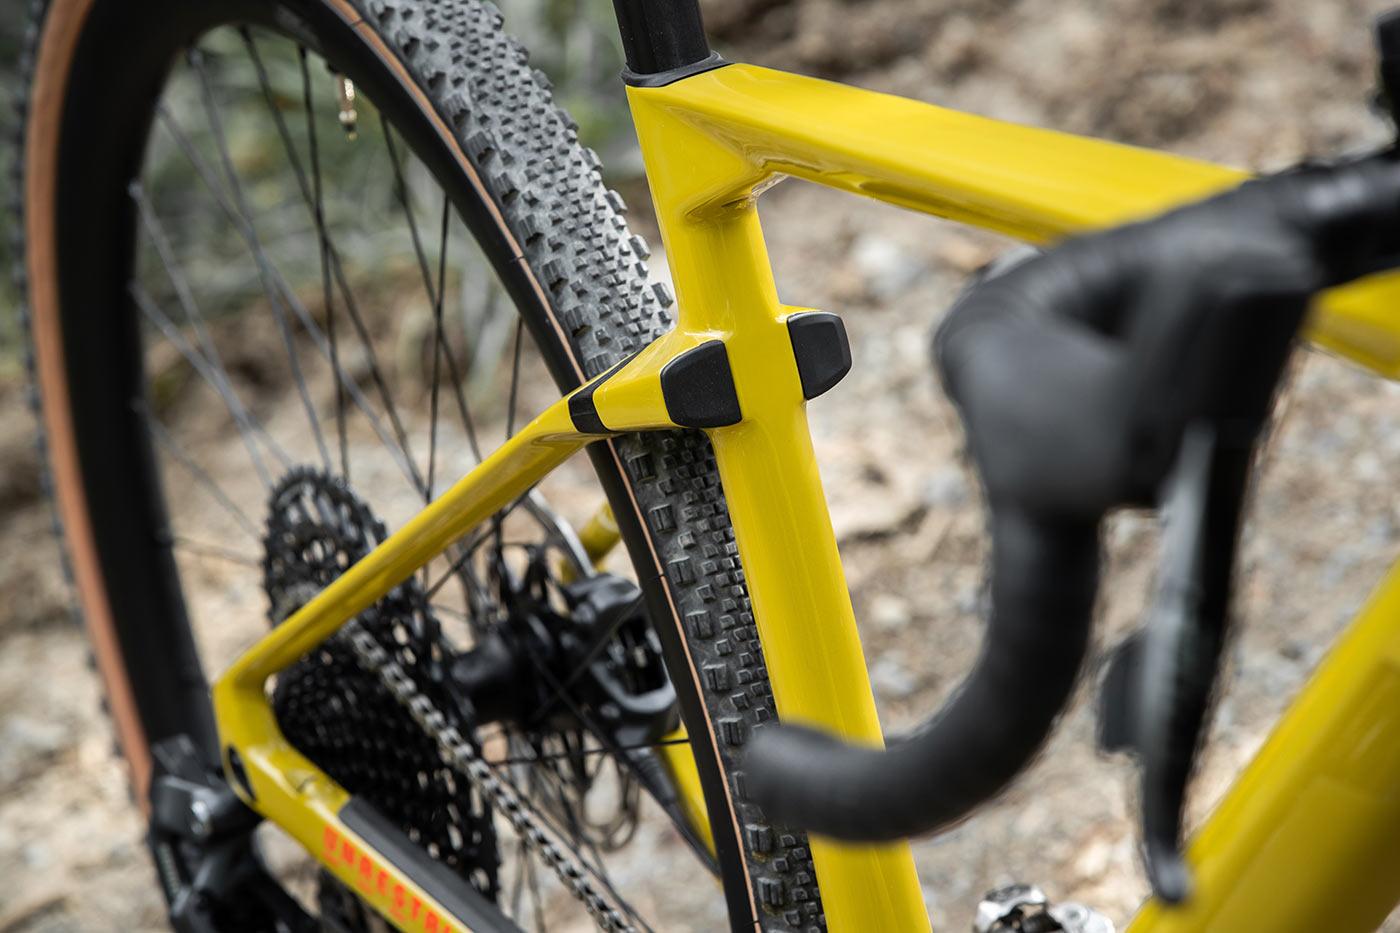 bmc urs lt full suspension gravel bike rear shock front view